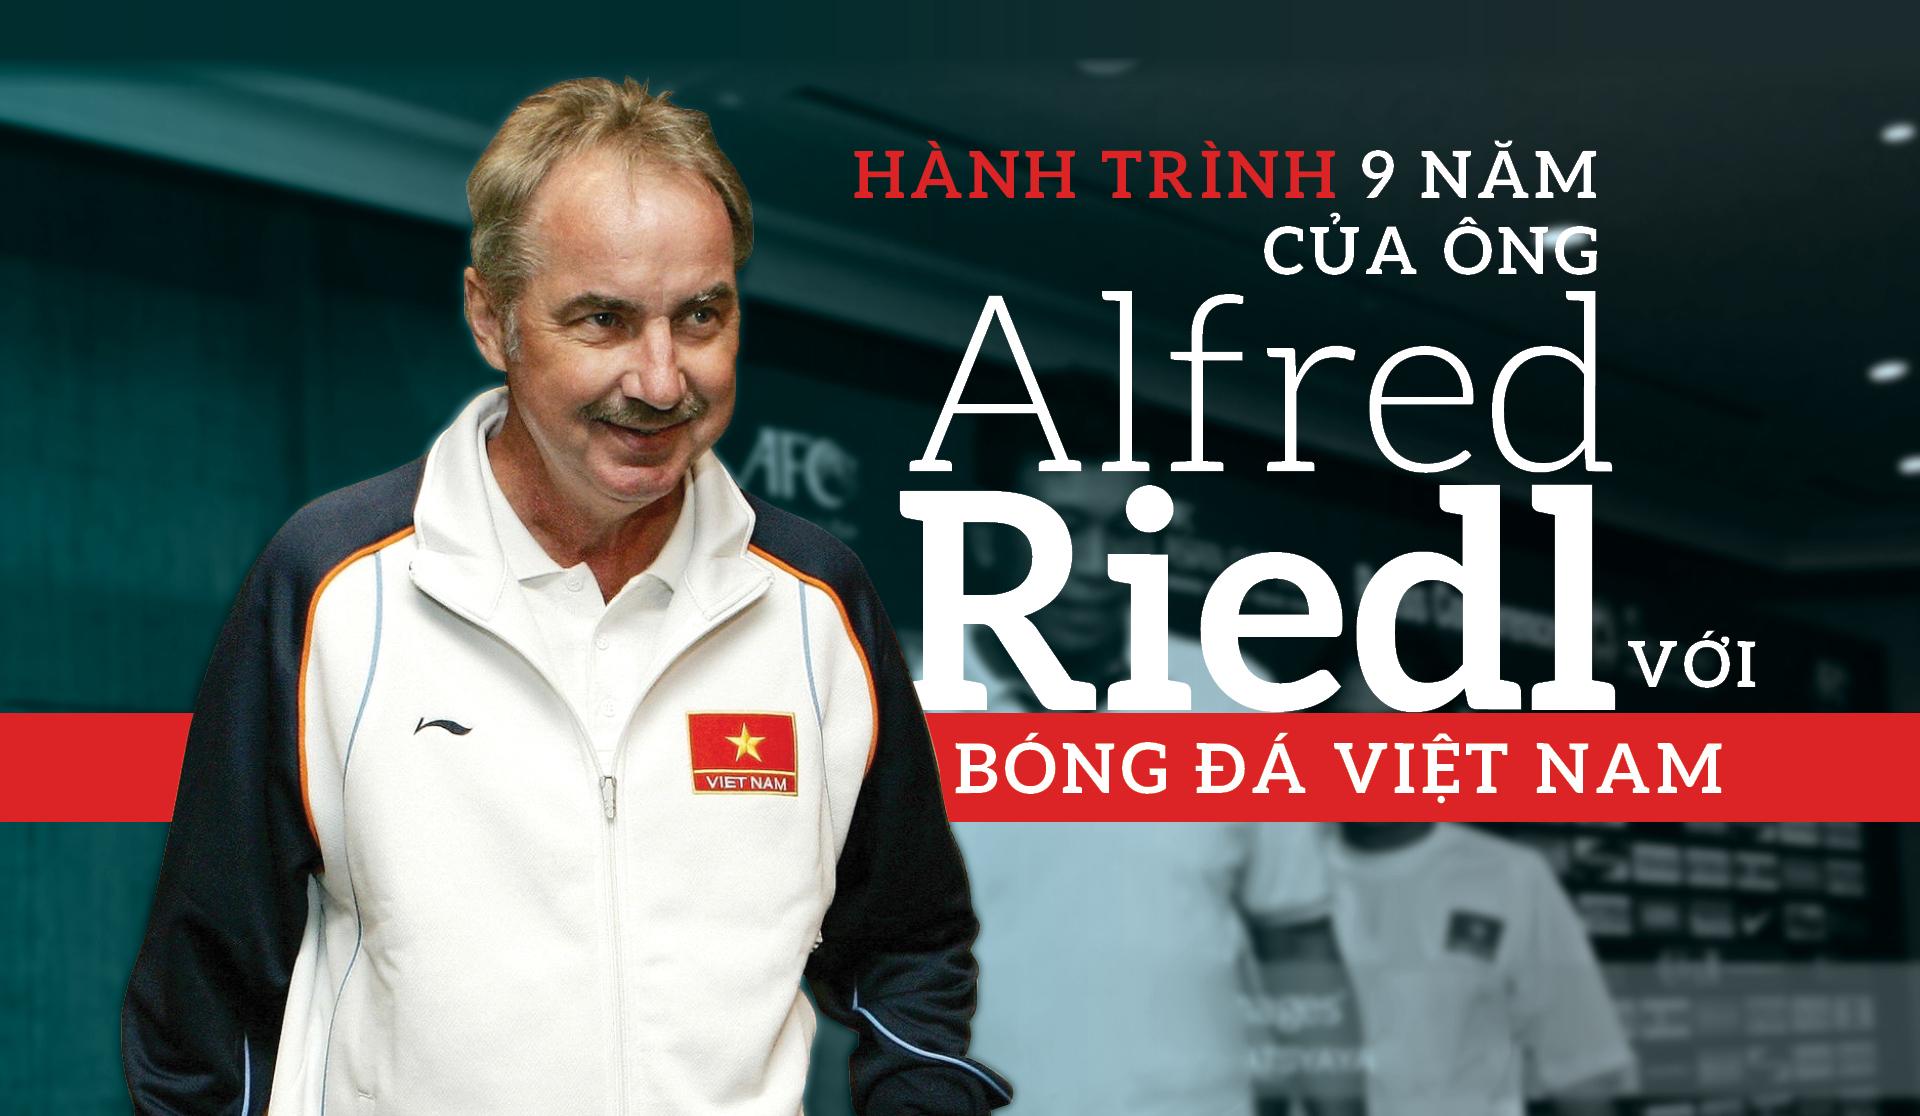 Hành trình 9 năm của ông Alfred Riedl với bóng đá Việt Nam